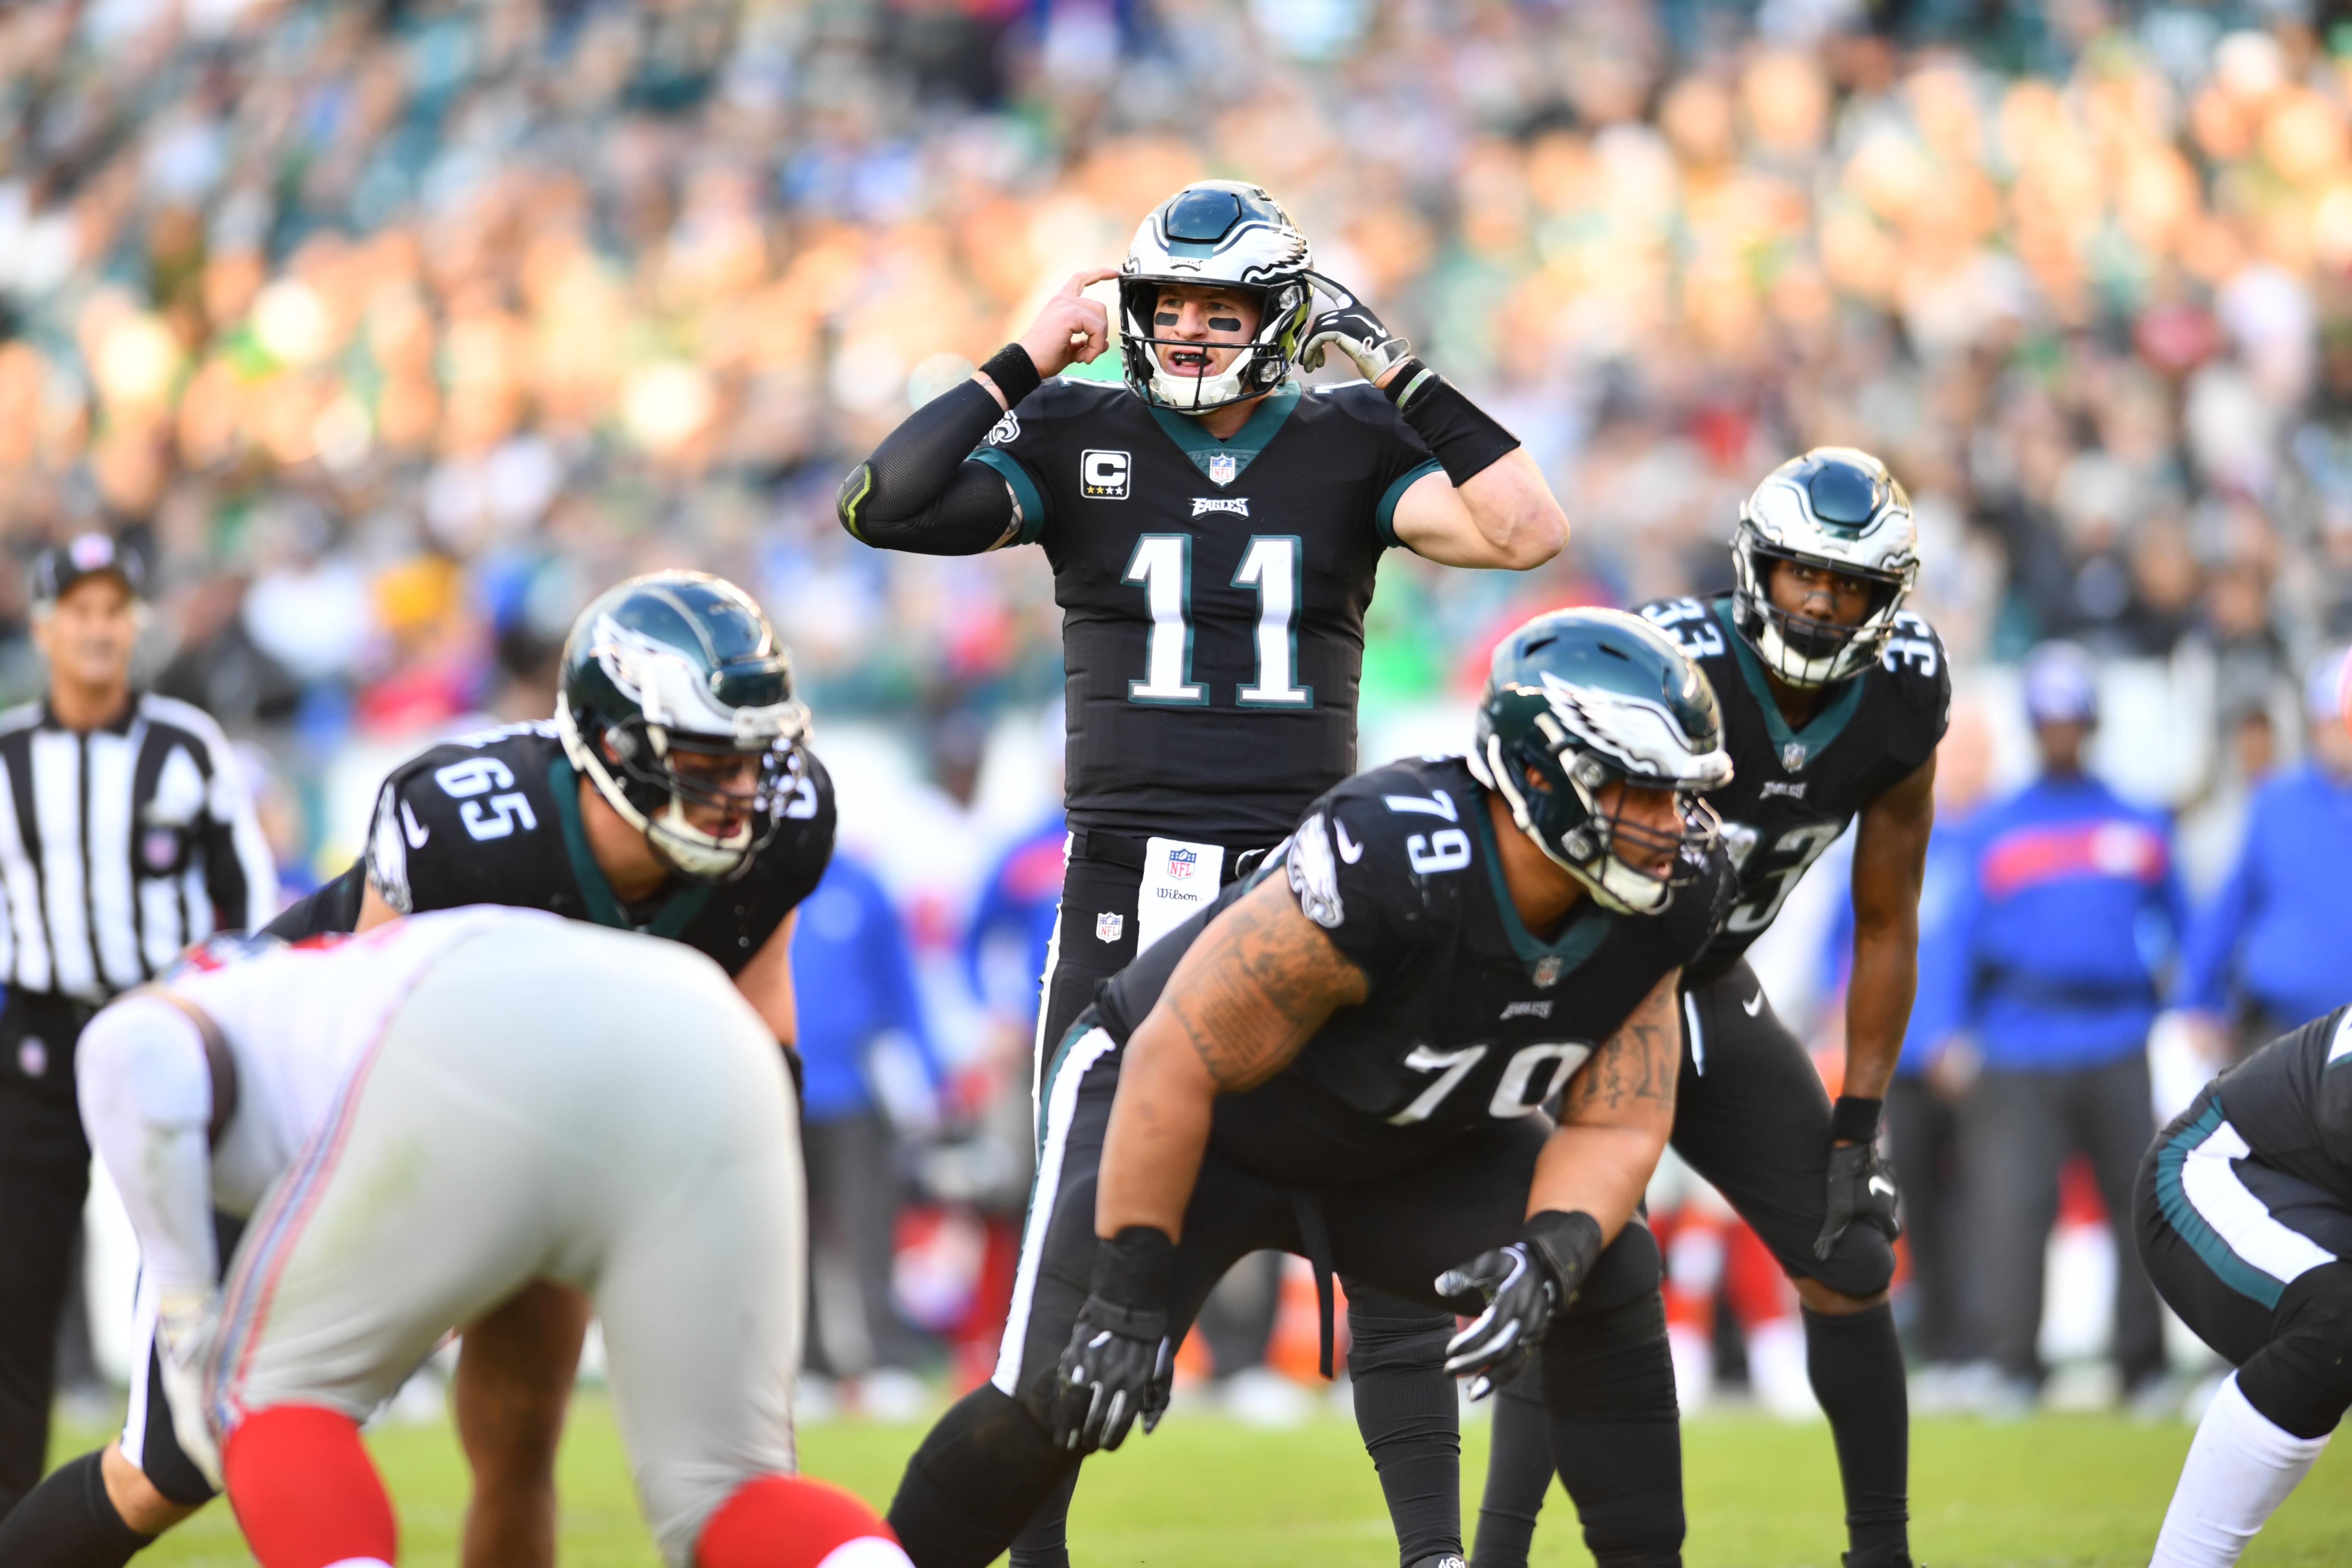 NFL: NOV 25 Giants at Eagles